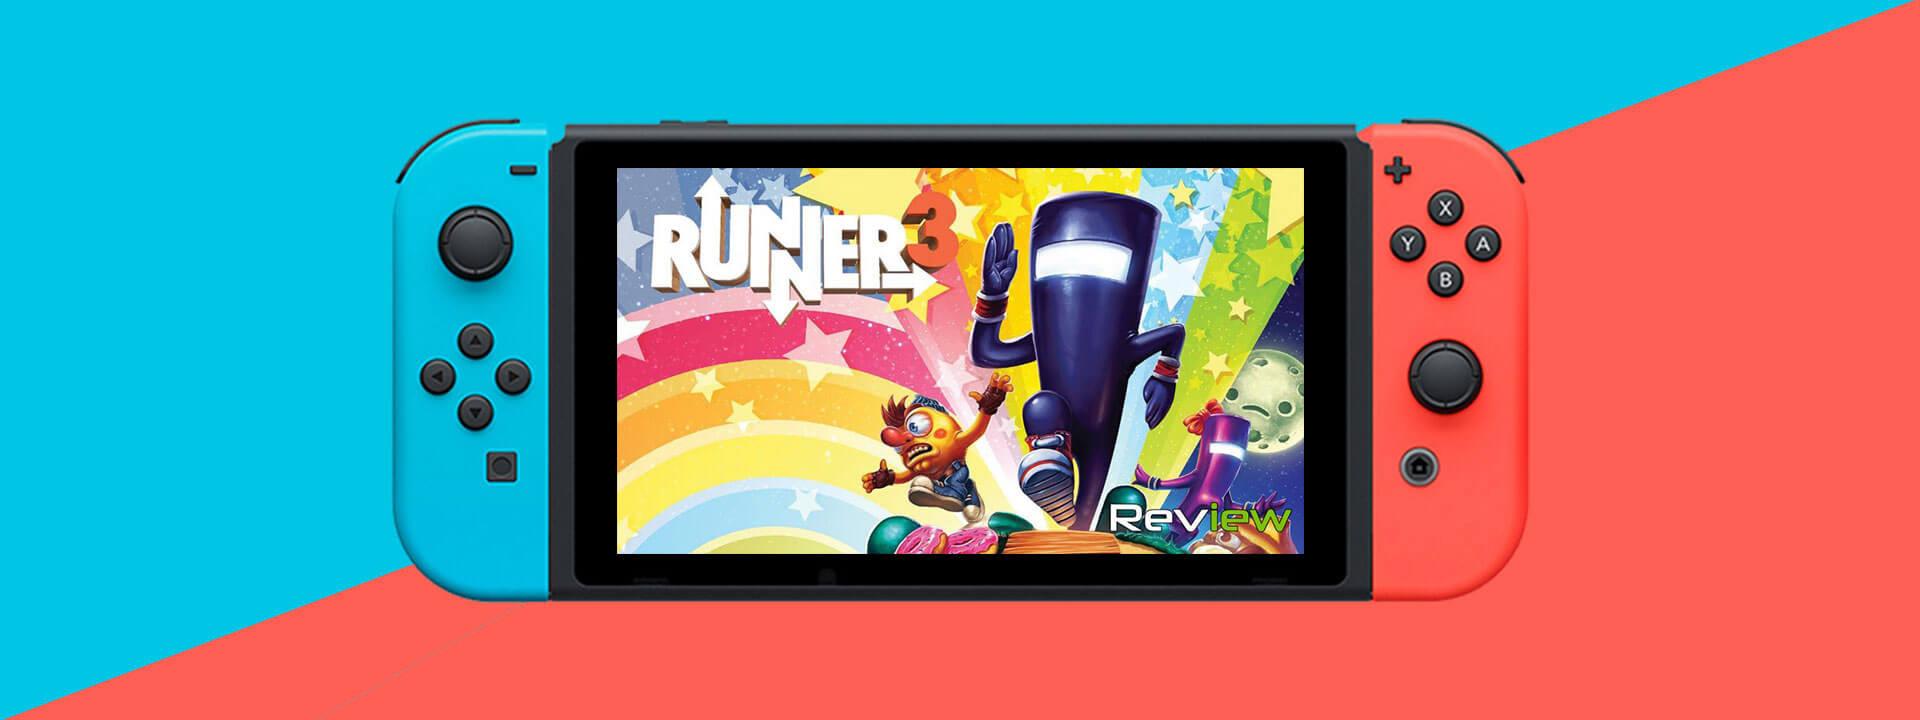 Runner3 nintendo switch 01 - بازی Runner3 مخصوص Nintendo Switch